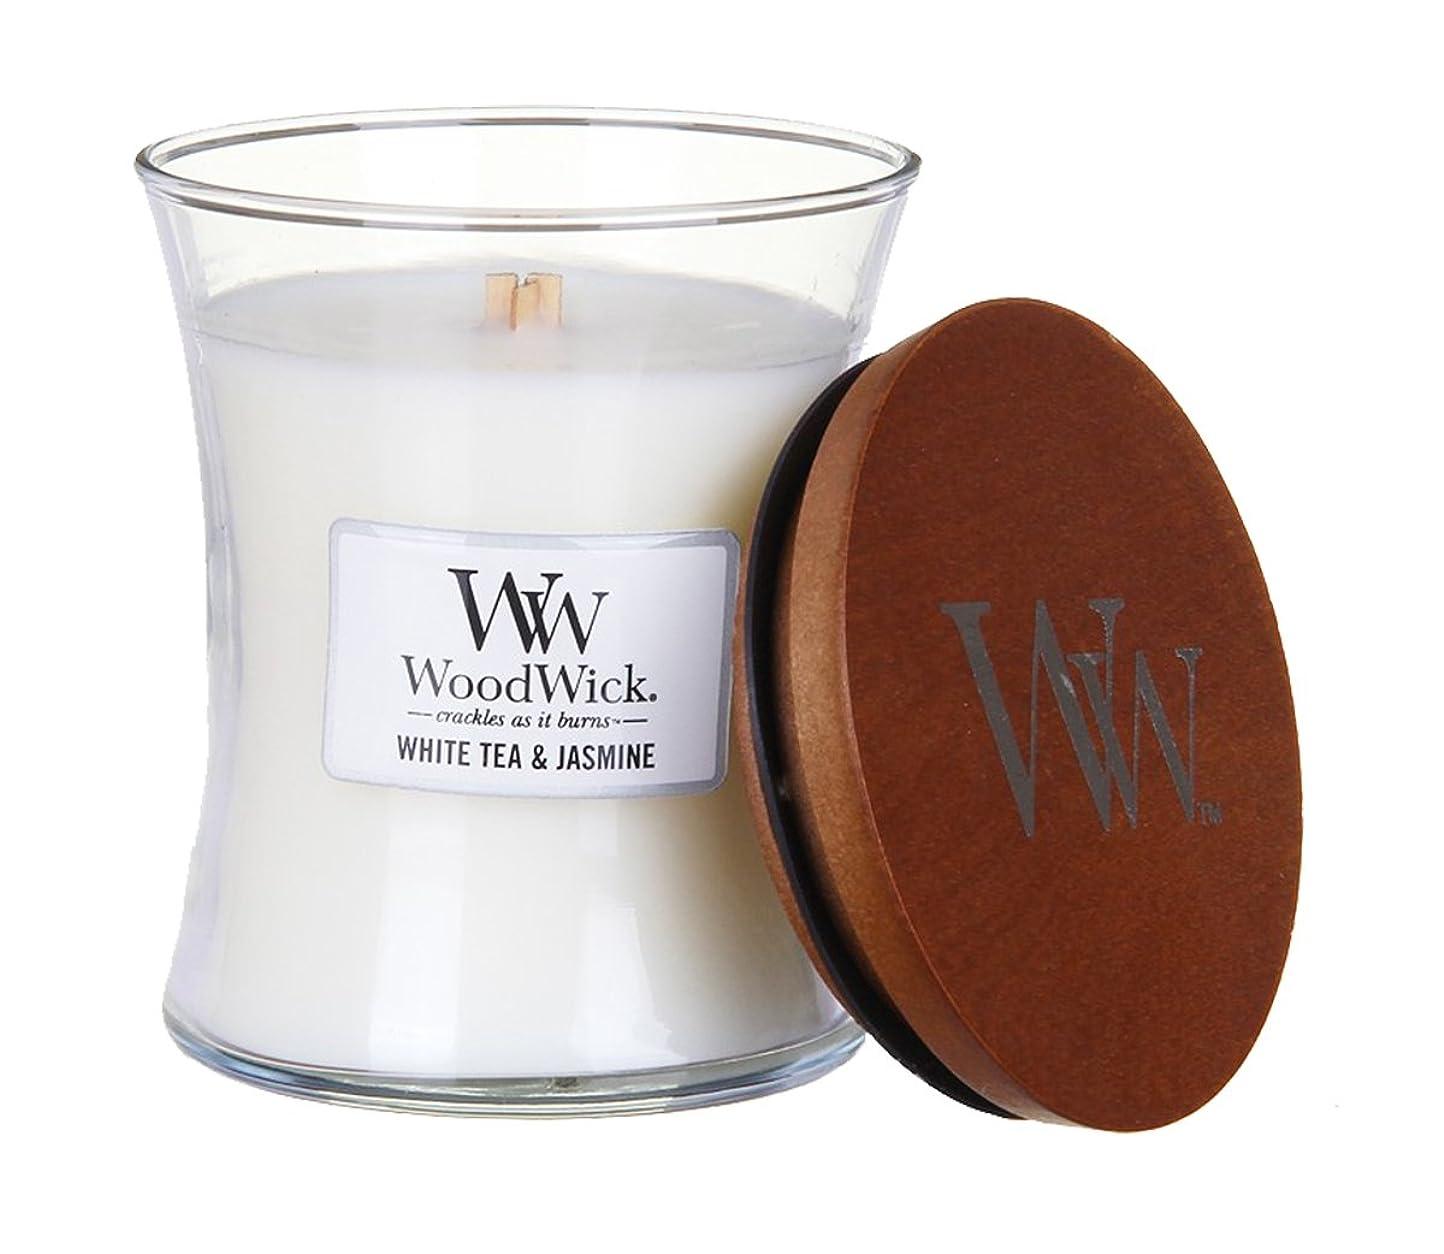 感じる脳売上高ホワイトTea Jasmine?–?WoodWick 10oz Medium Jar Candle Burns 100時間